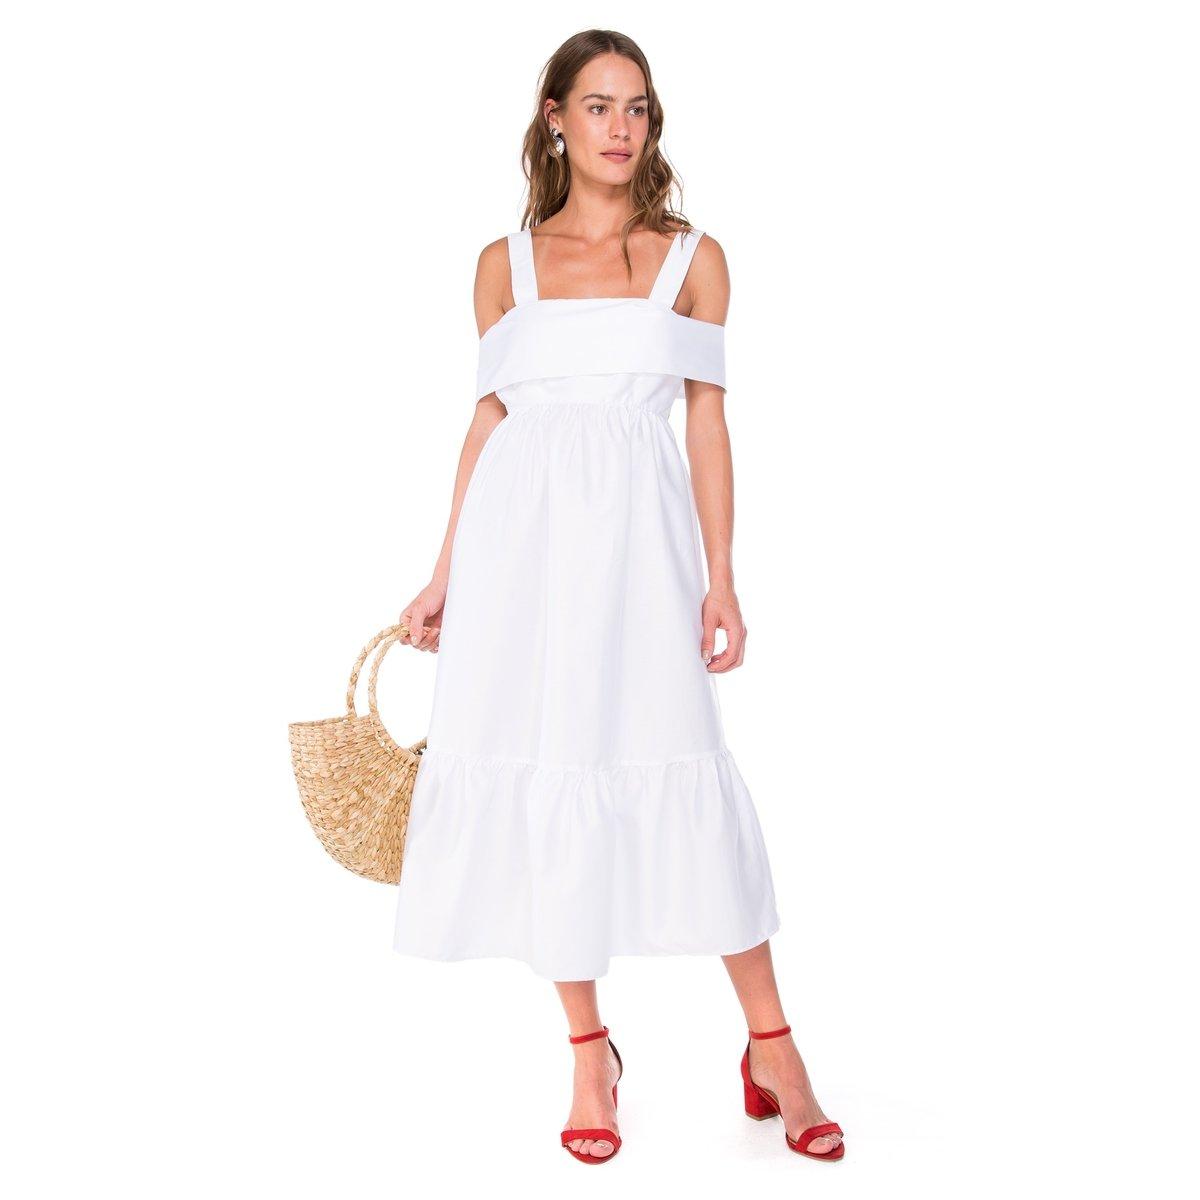 a362b678a Vestido Amaro Midi Algodão - Compre Agora | Netshoes